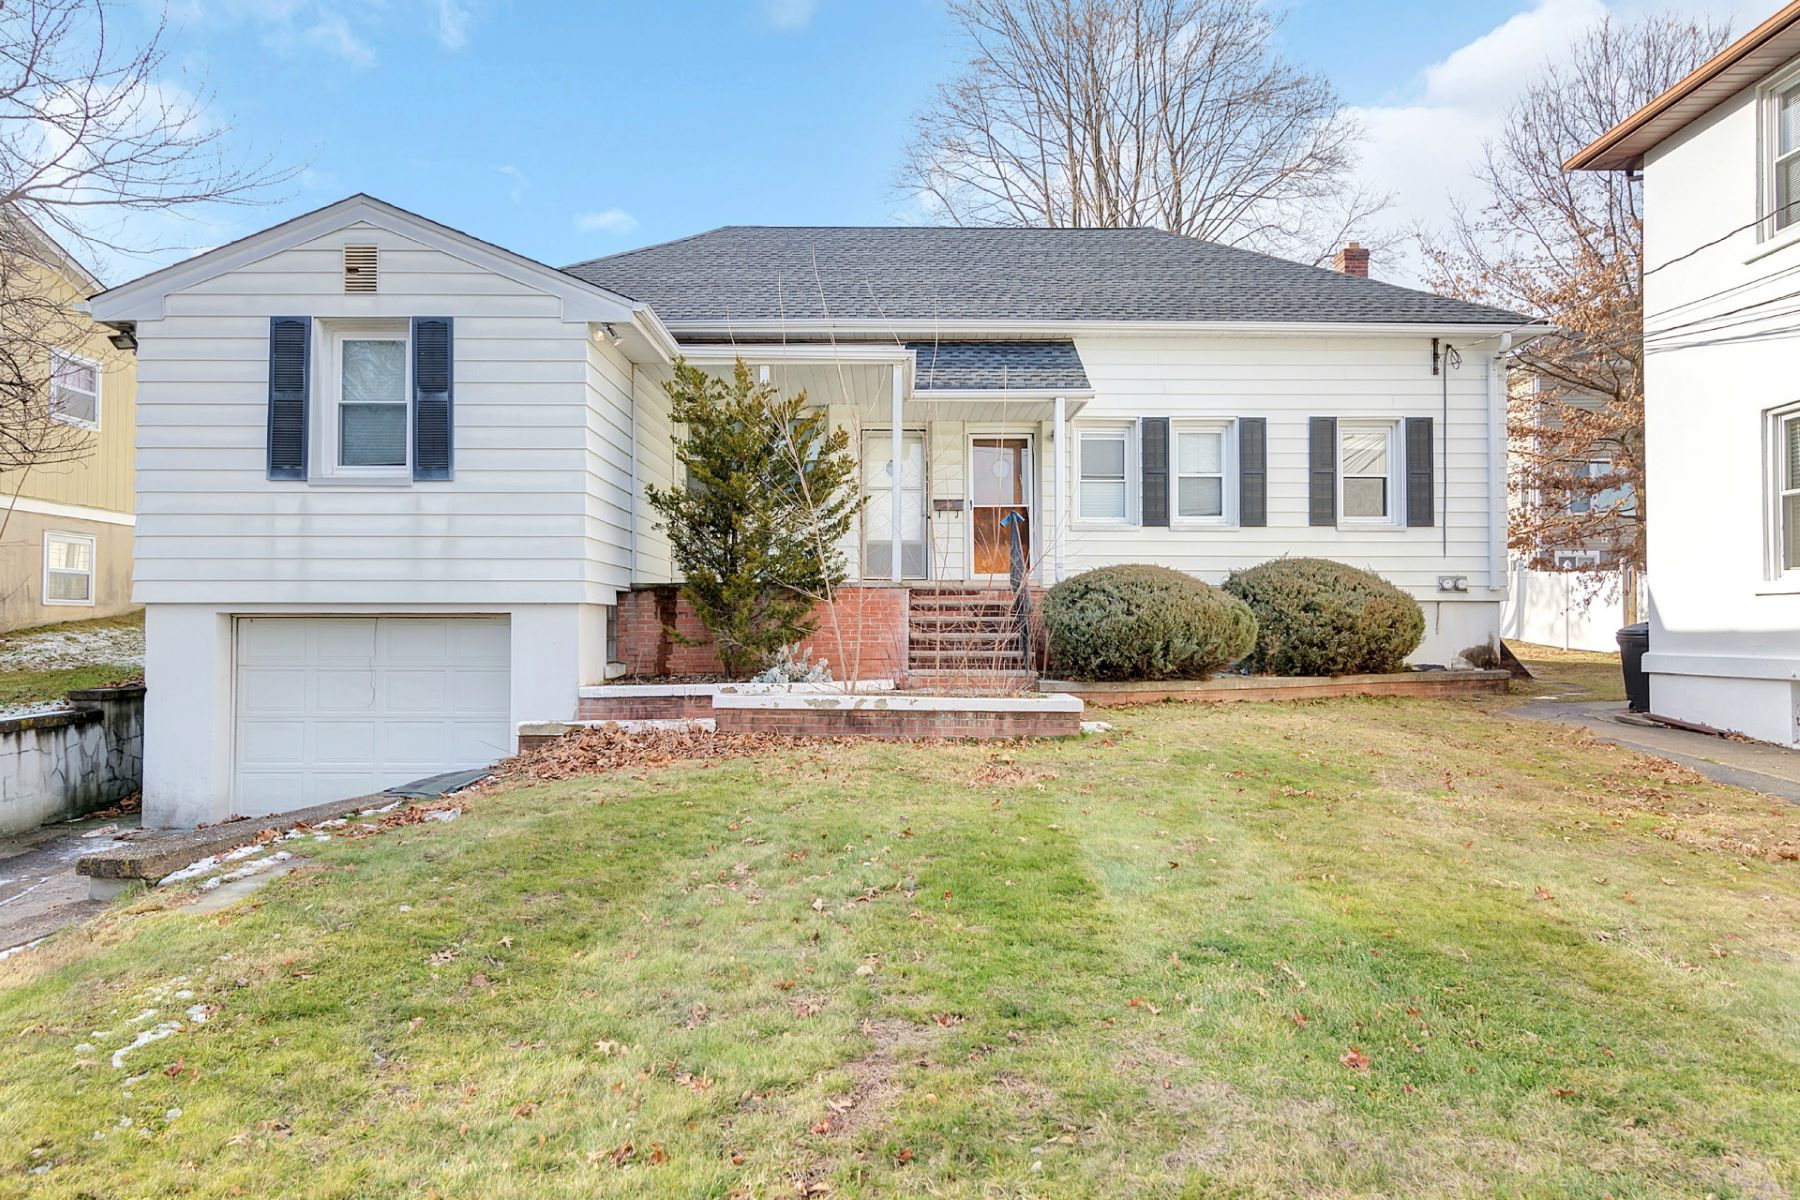 Casa Multifamiliar por un Venta en Two by Two 177 Livingston St Northvale, Nueva Jersey 07647 Estados Unidos